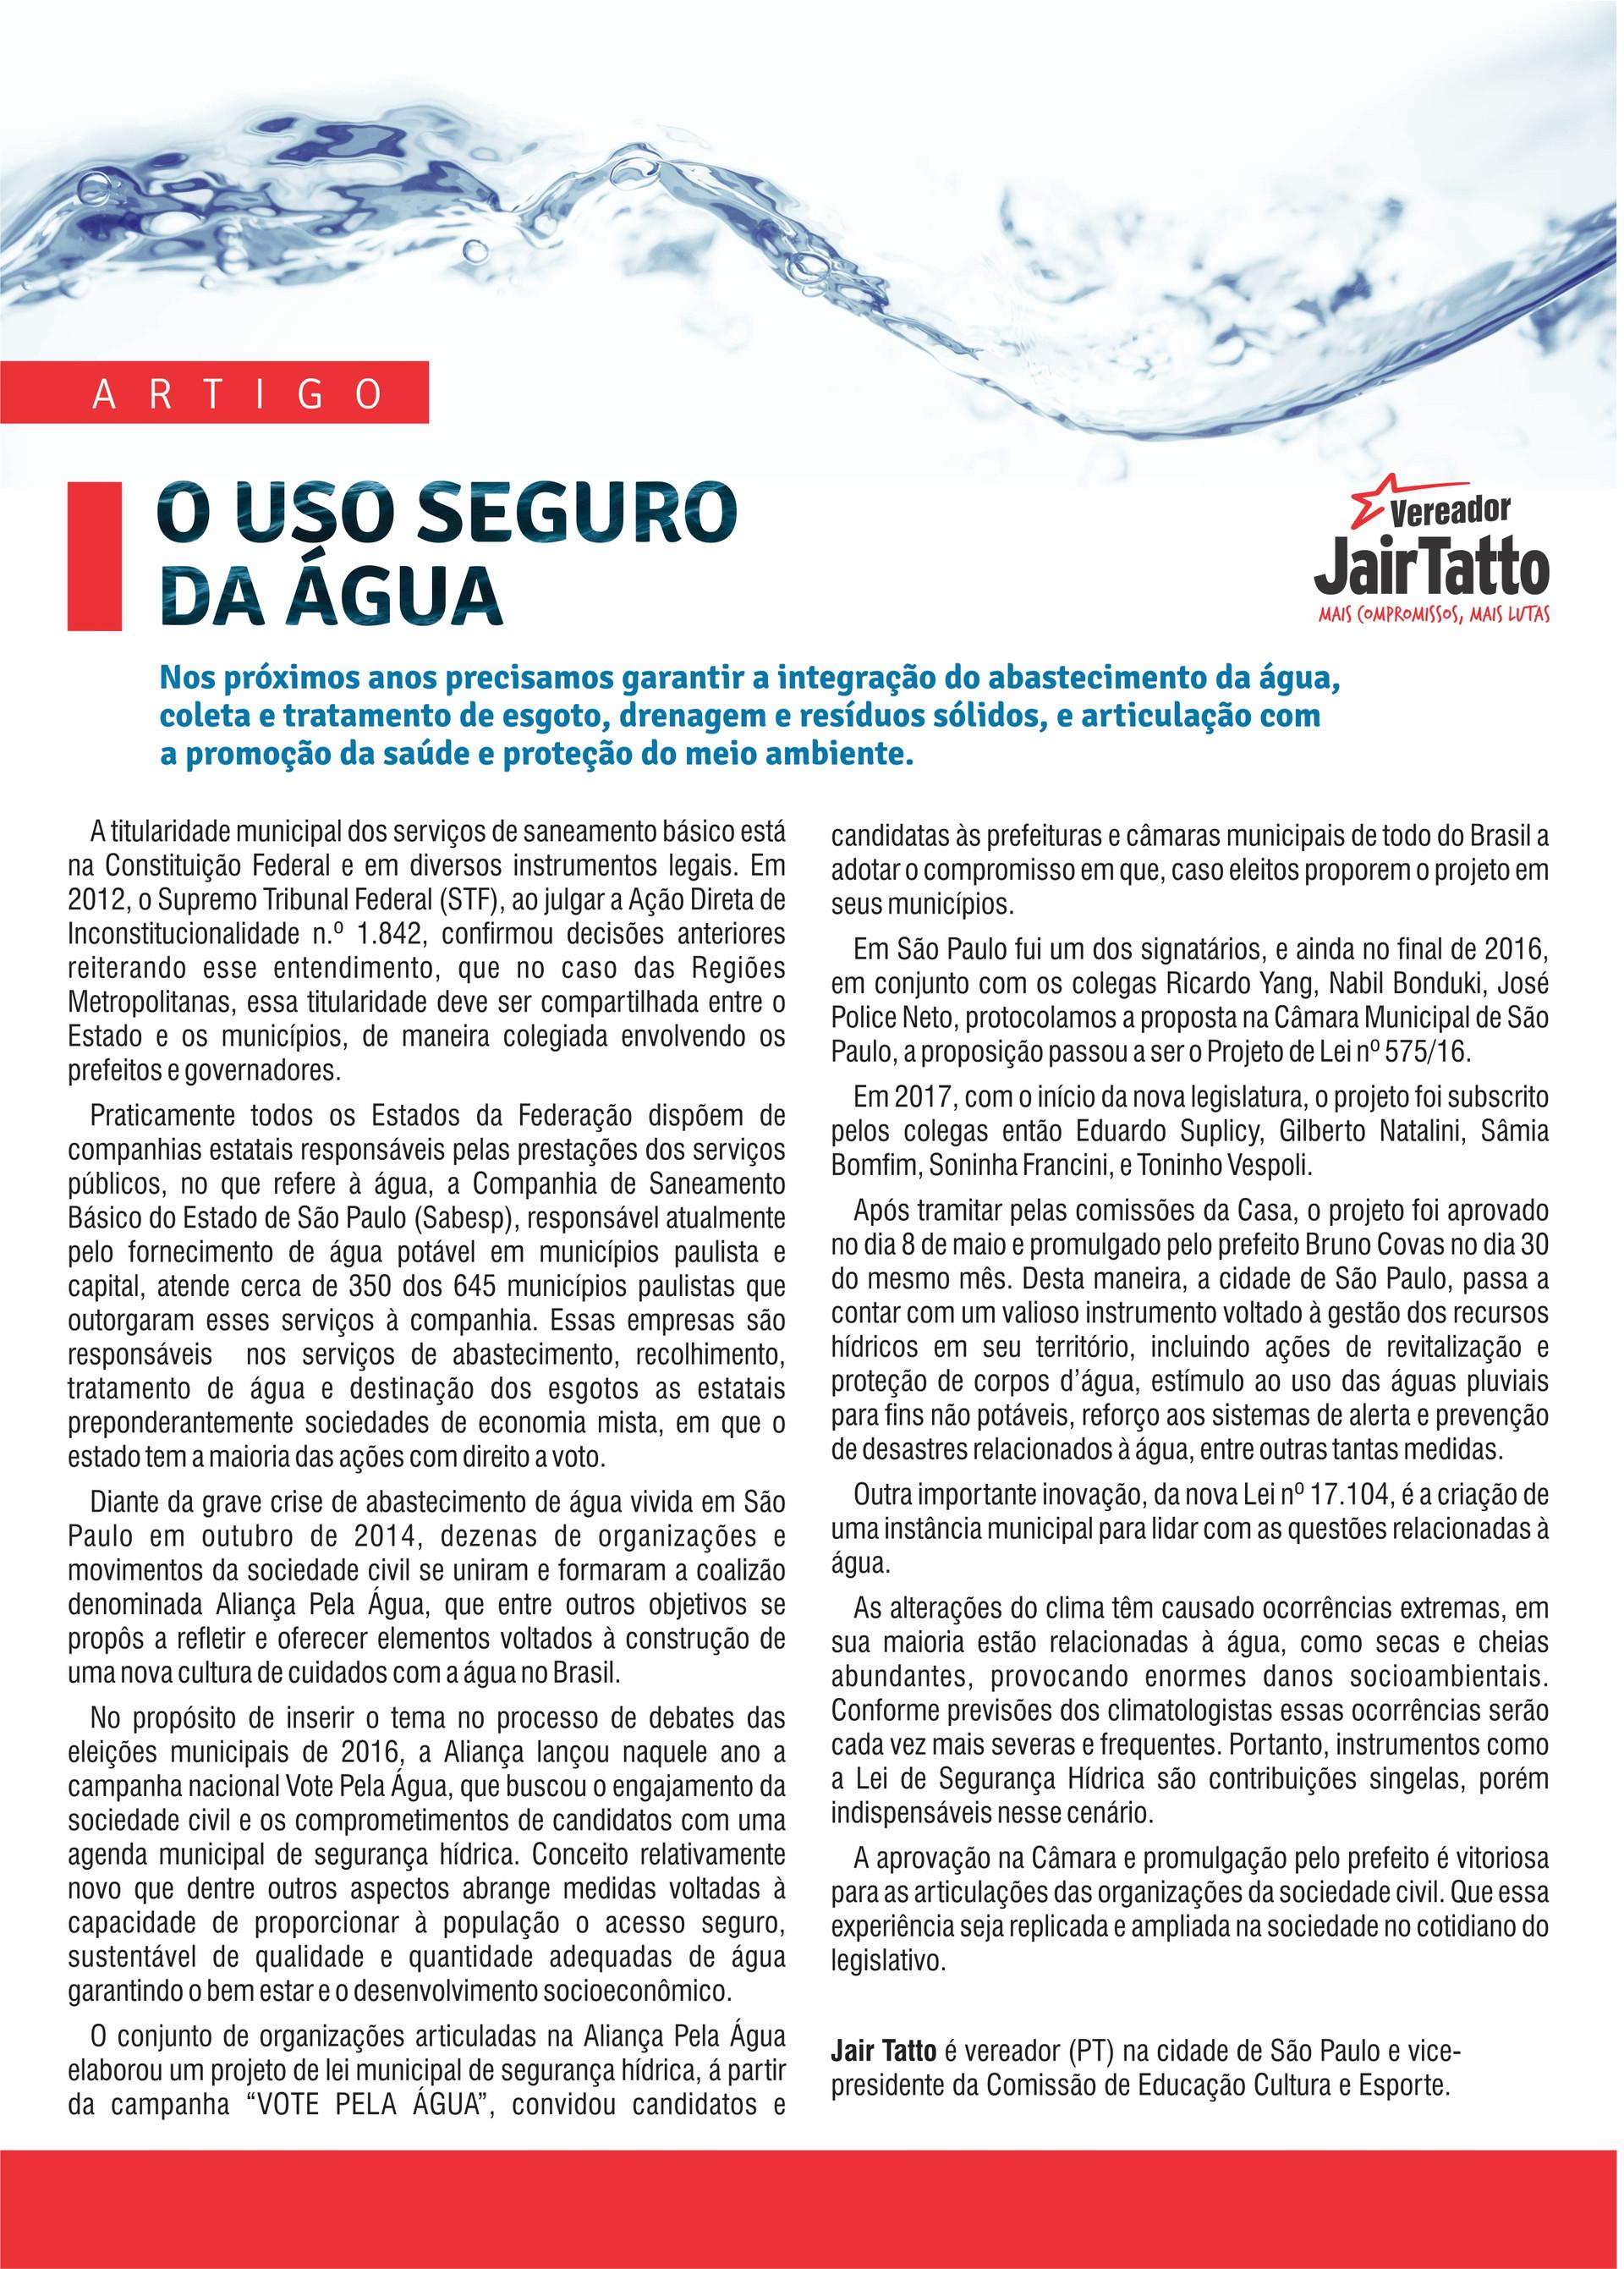 boletim_artigo_jair_9_abril_agua2.jpg